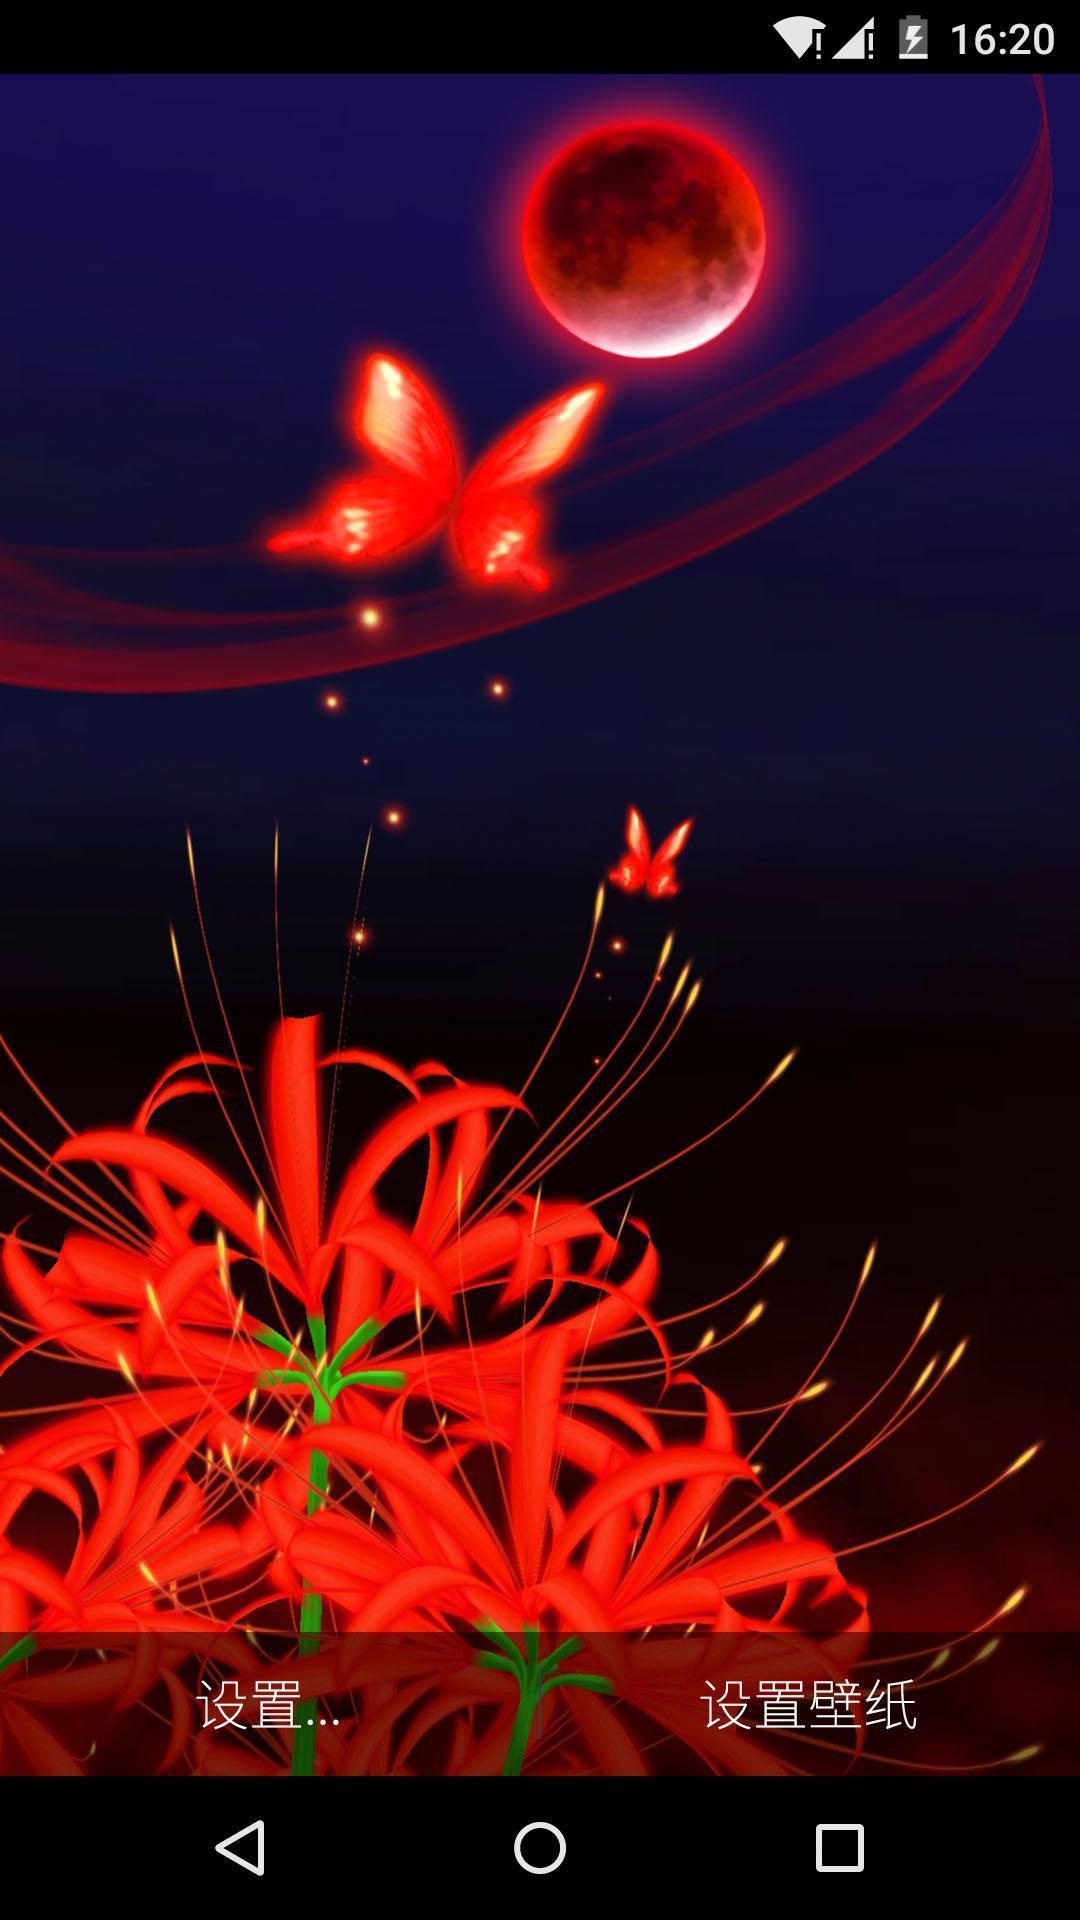 美艳红蝶与妖娆彼岸花3d 高清动态壁纸安卓下载 安卓版apk 免费下载